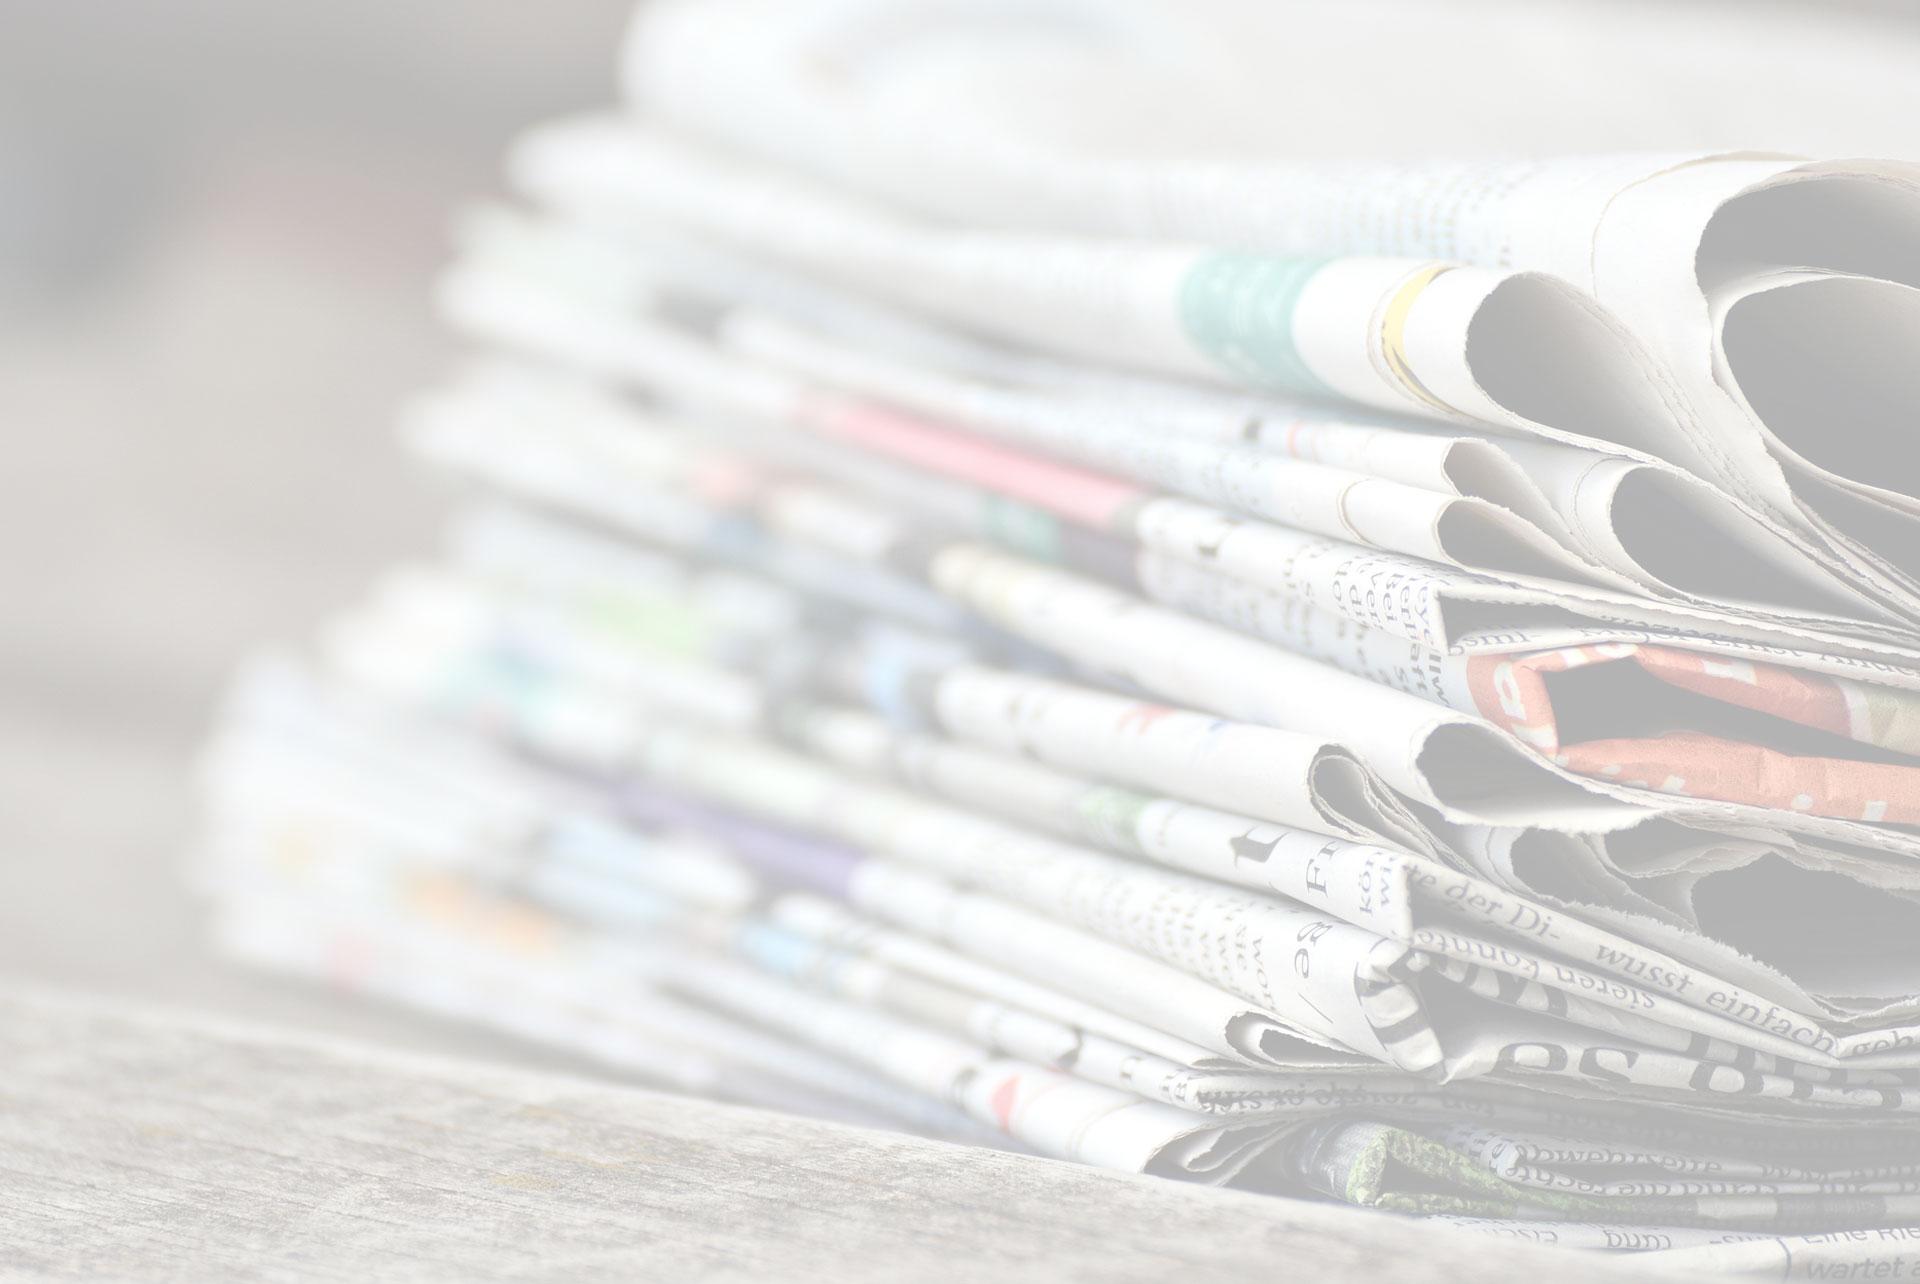 La strage di via Fani - Aldo Moro